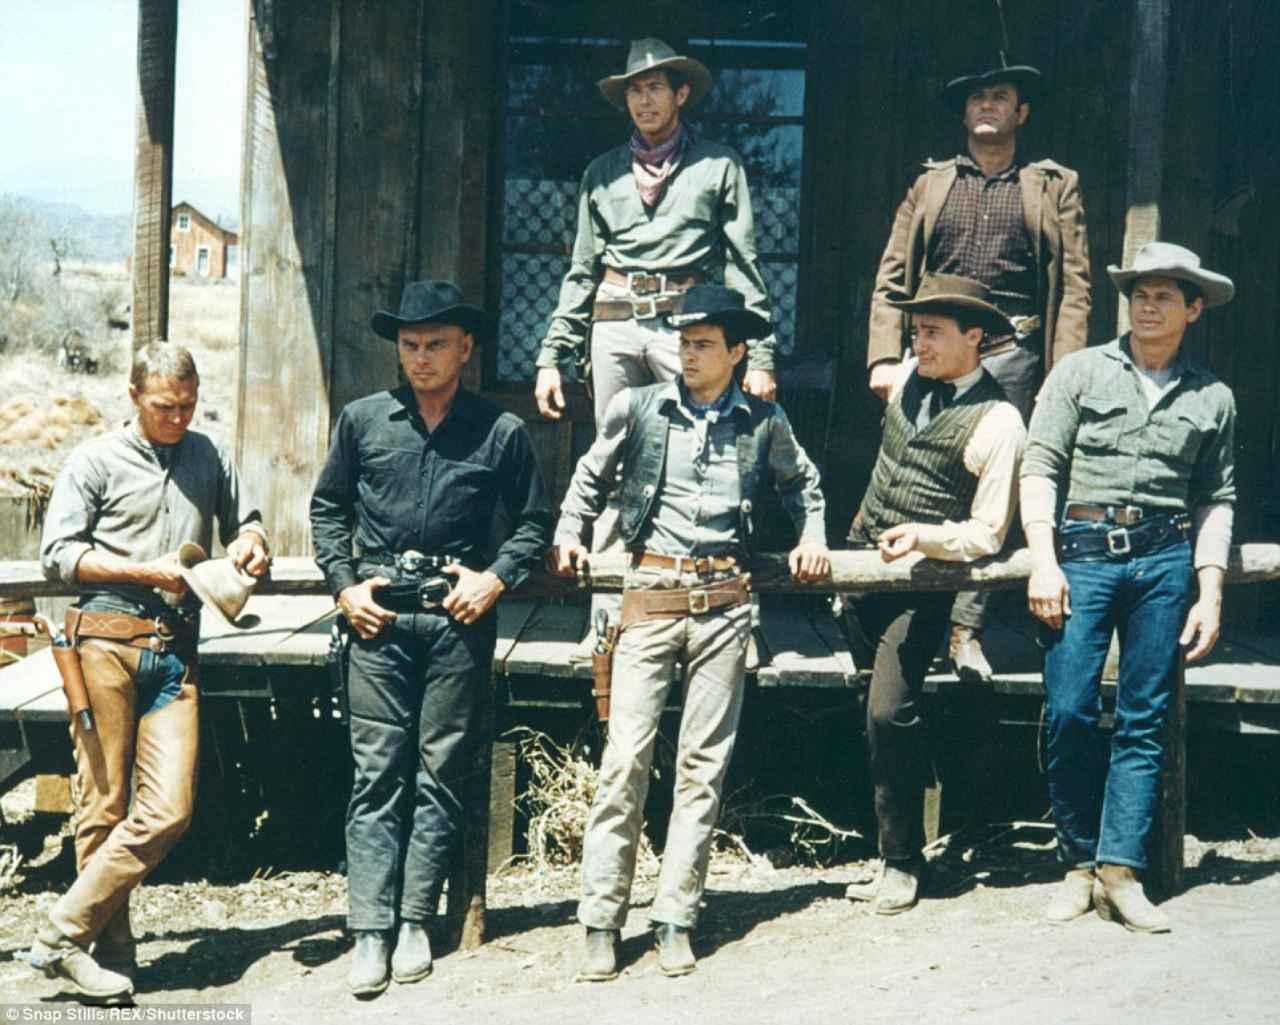 画像2: http://www.dailymail.co.uk/tvshowbiz/article-3548422/Denzel-Washington-Chris-Pratt-pistol-packing-gunslingers-pics-Magnificent-Seven-remake.html